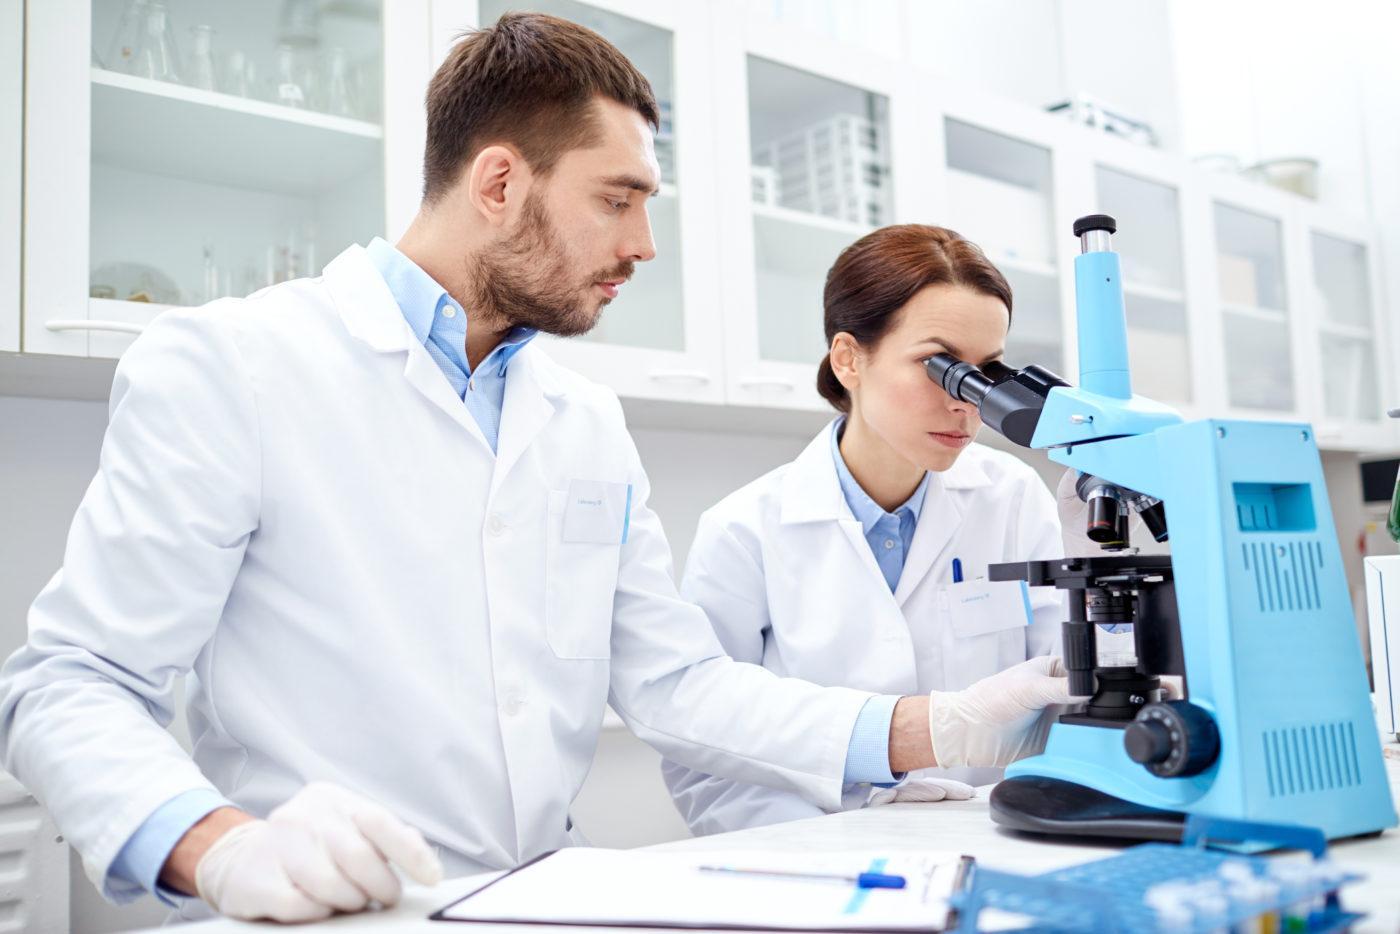 Диагностика любых недугов на высшем уровне качества в израильской клинике Топ Ассута